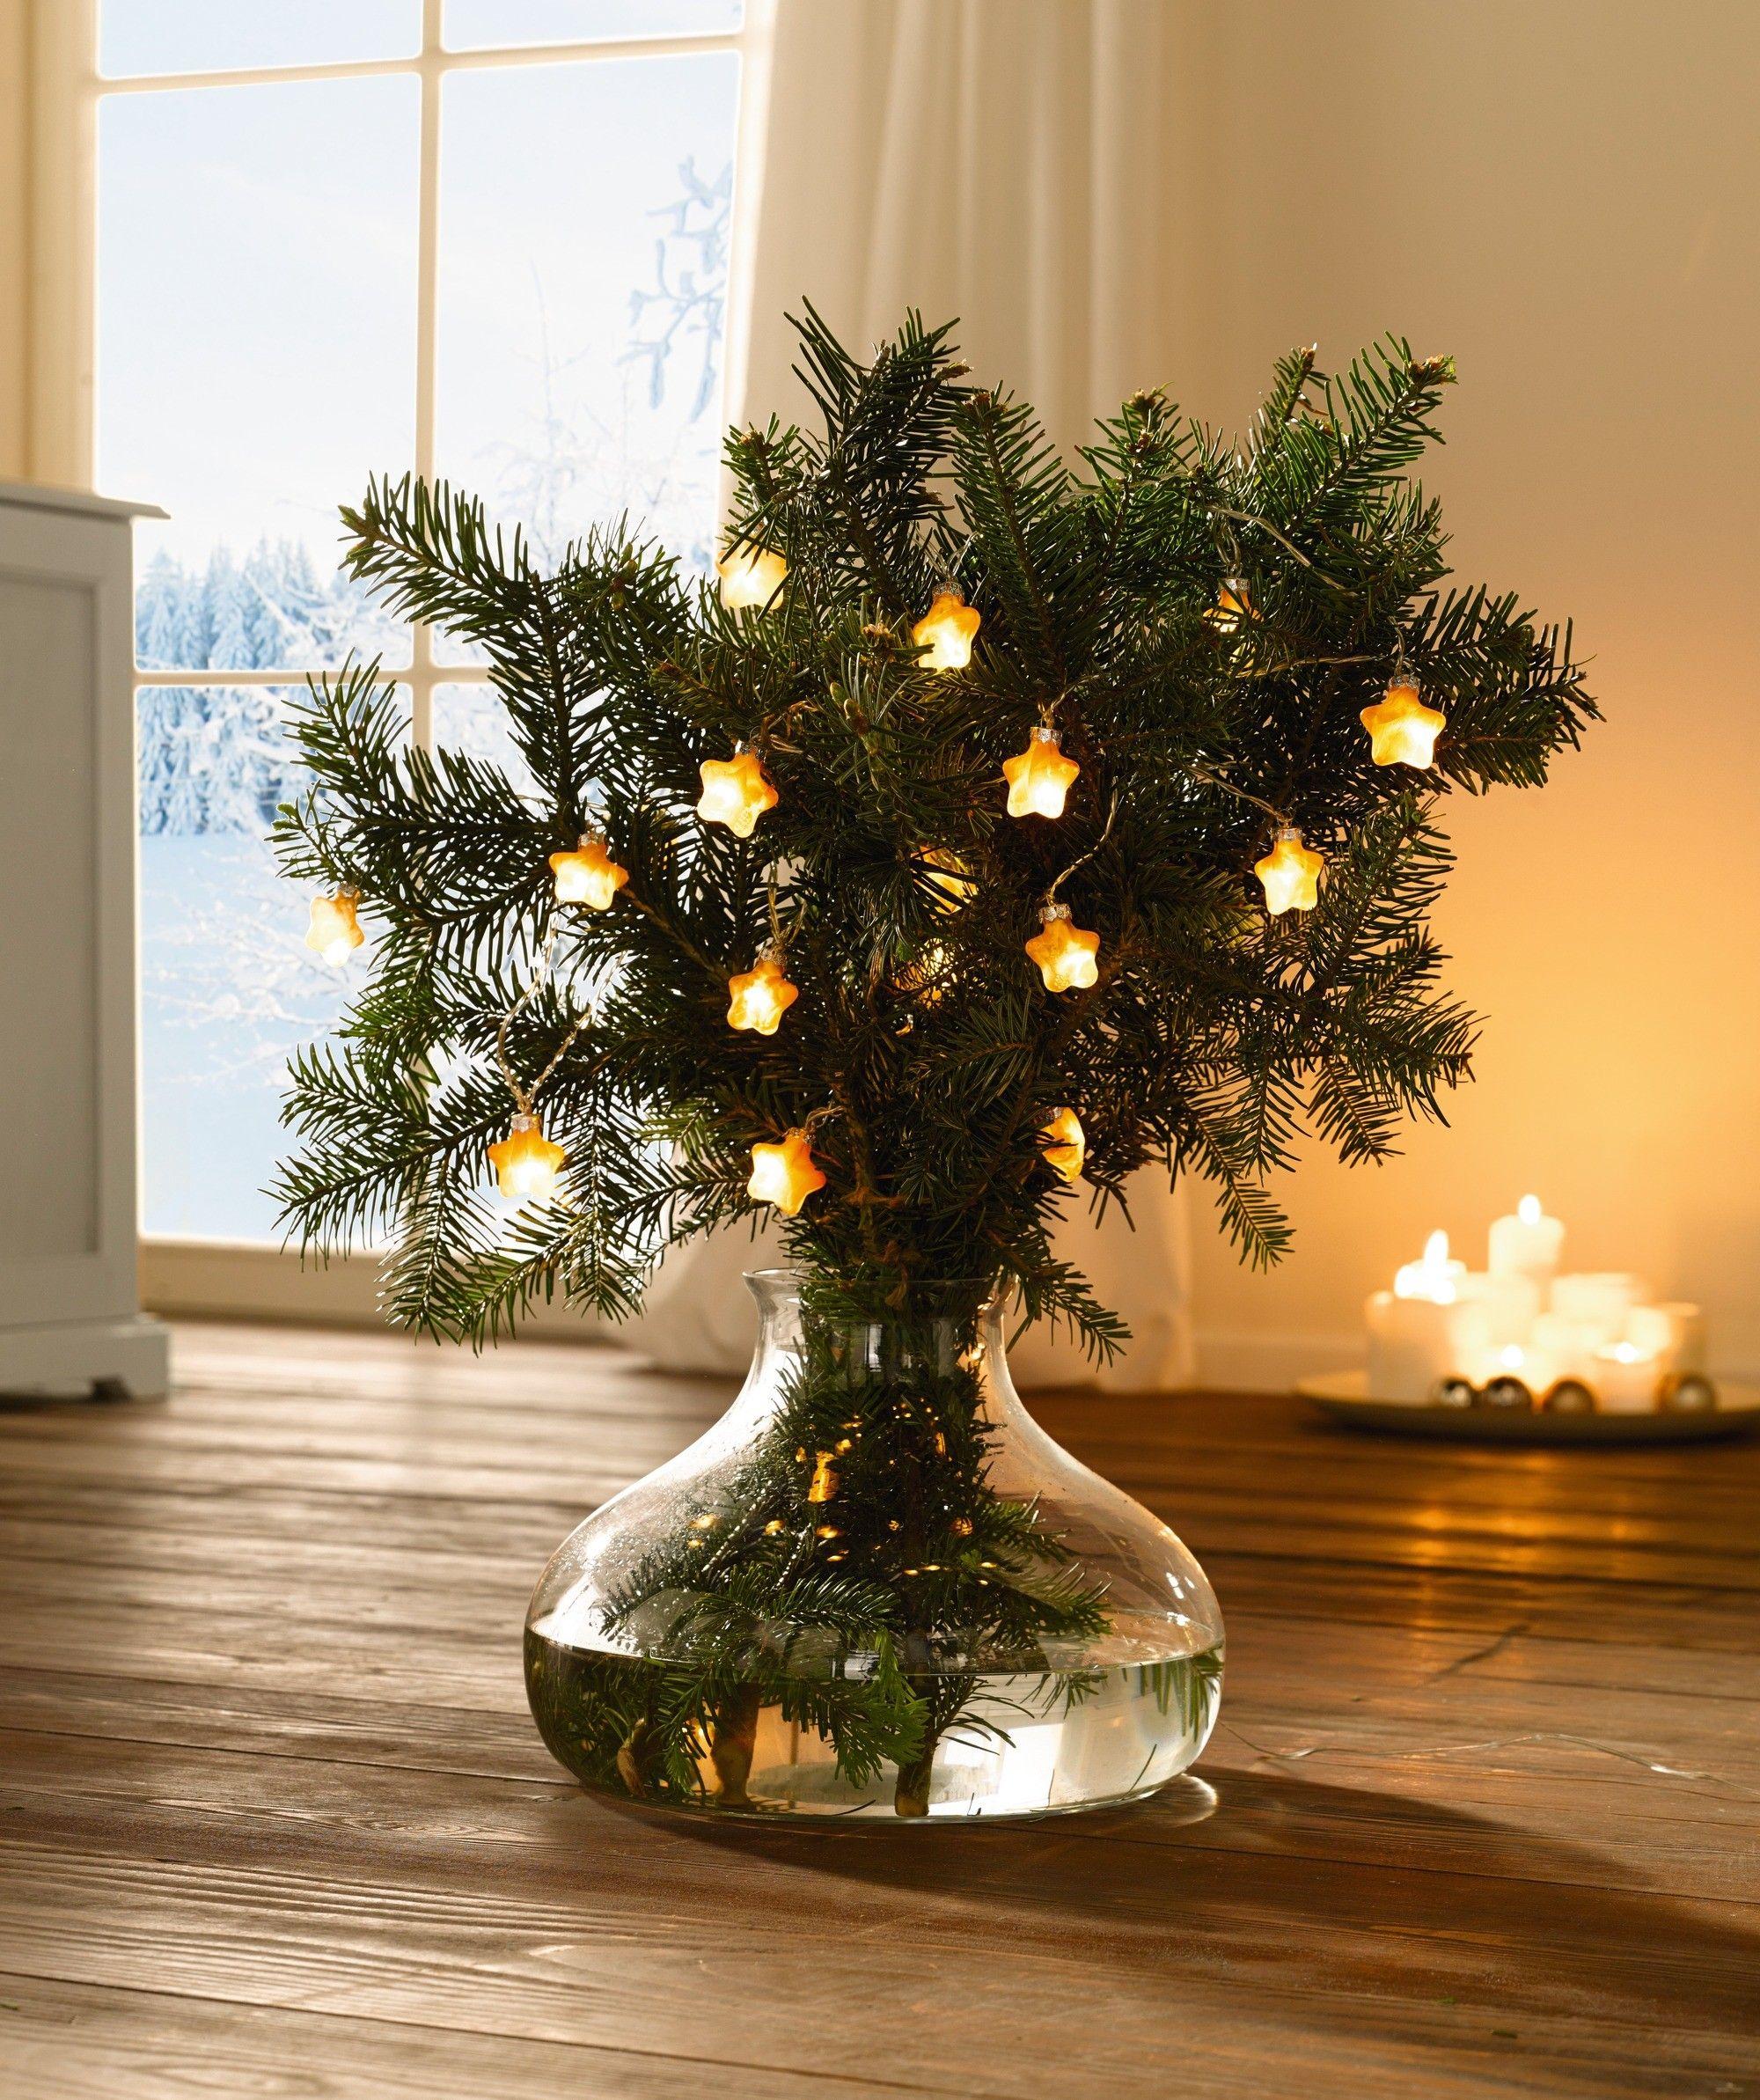 led lichterkette glas bernsteinfarben satiniert weihnachten weihnachtsdeko glas led. Black Bedroom Furniture Sets. Home Design Ideas